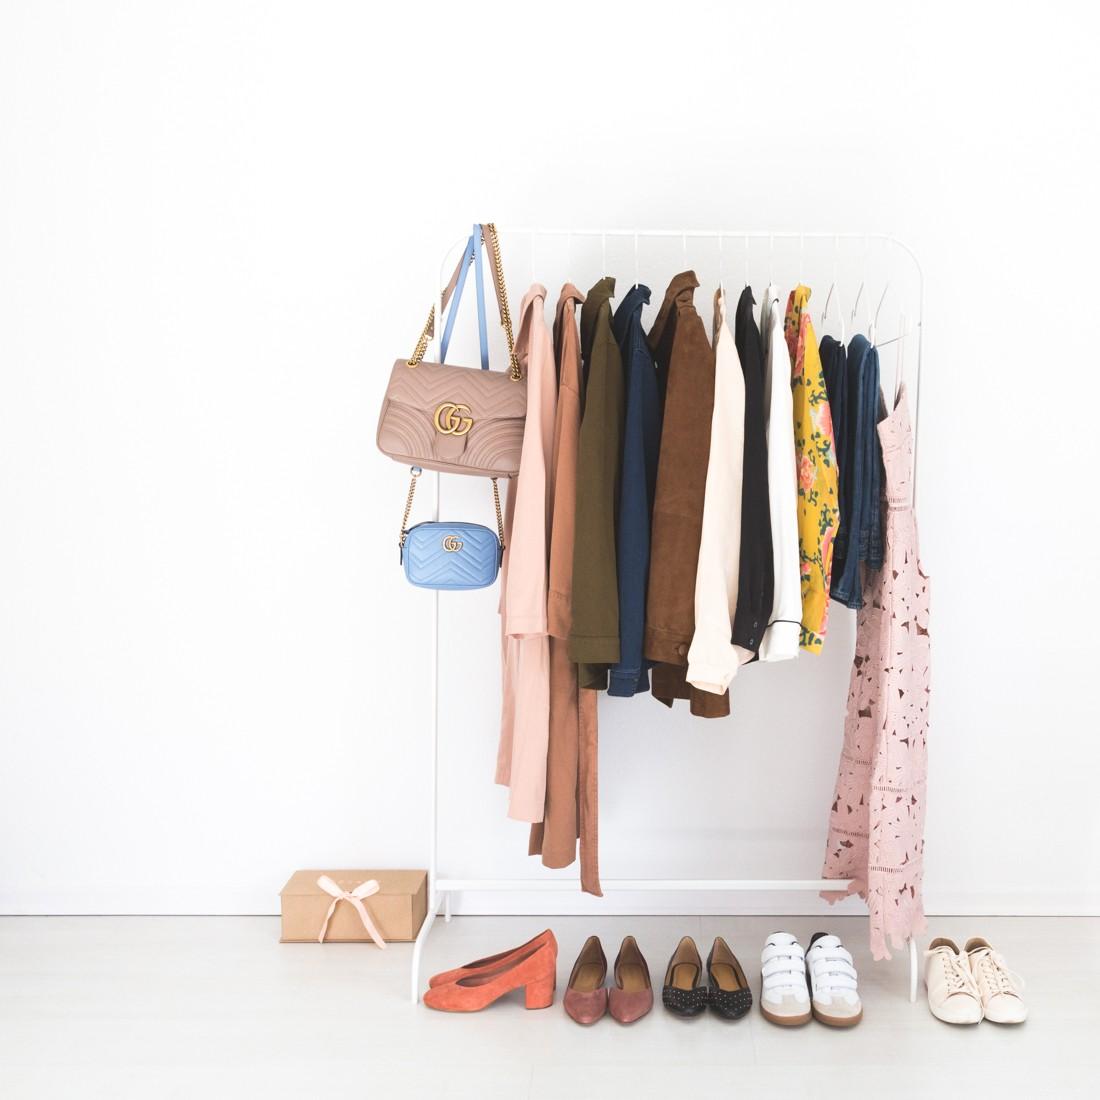 capsule wardrobe sezane paris denim gucci marmont GG bag copyright Pauline paulinefashionblog com 1 1100x1100 Inventaire 5 : une capsule wardrobe de printemps